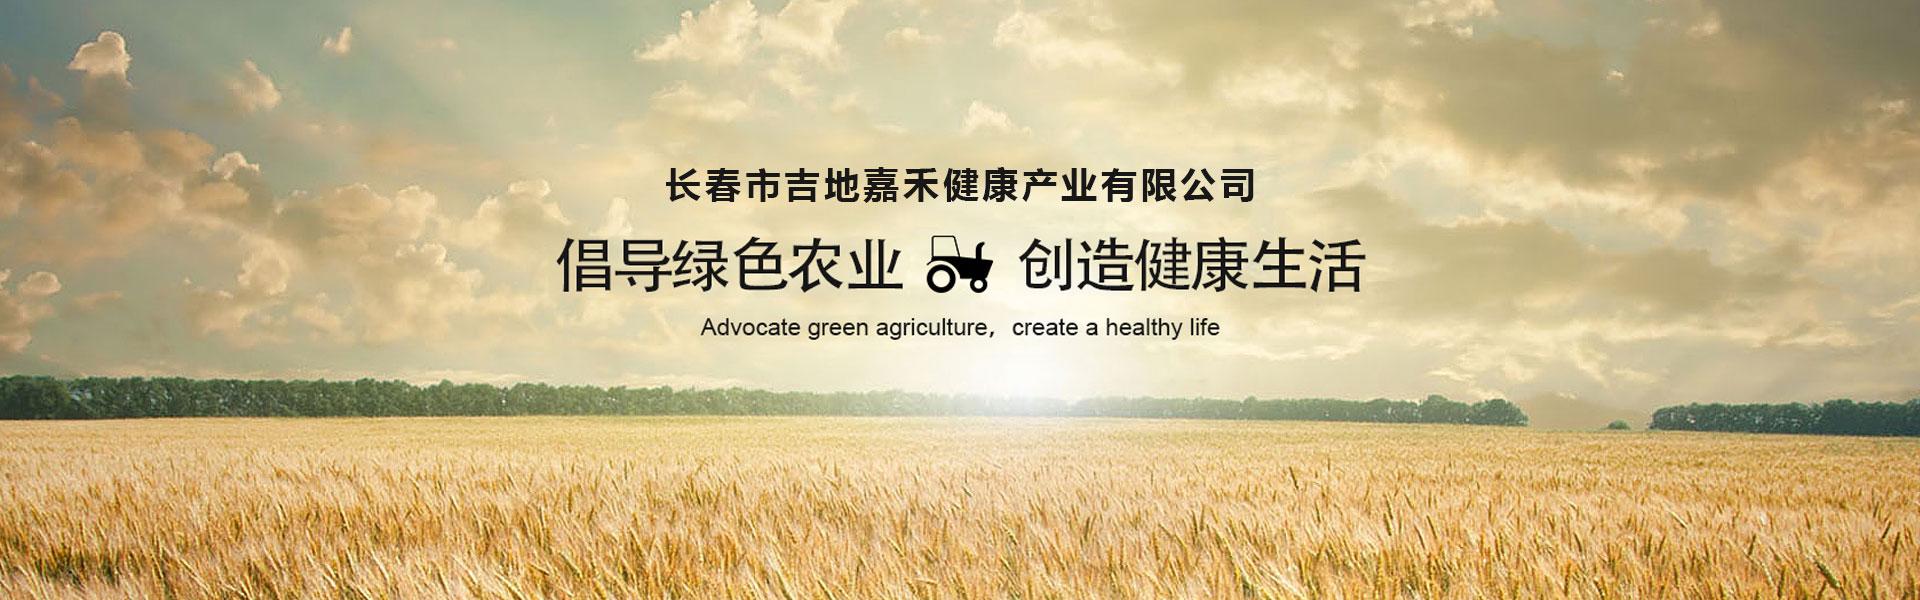 东北有机大米厂家吉地嘉禾